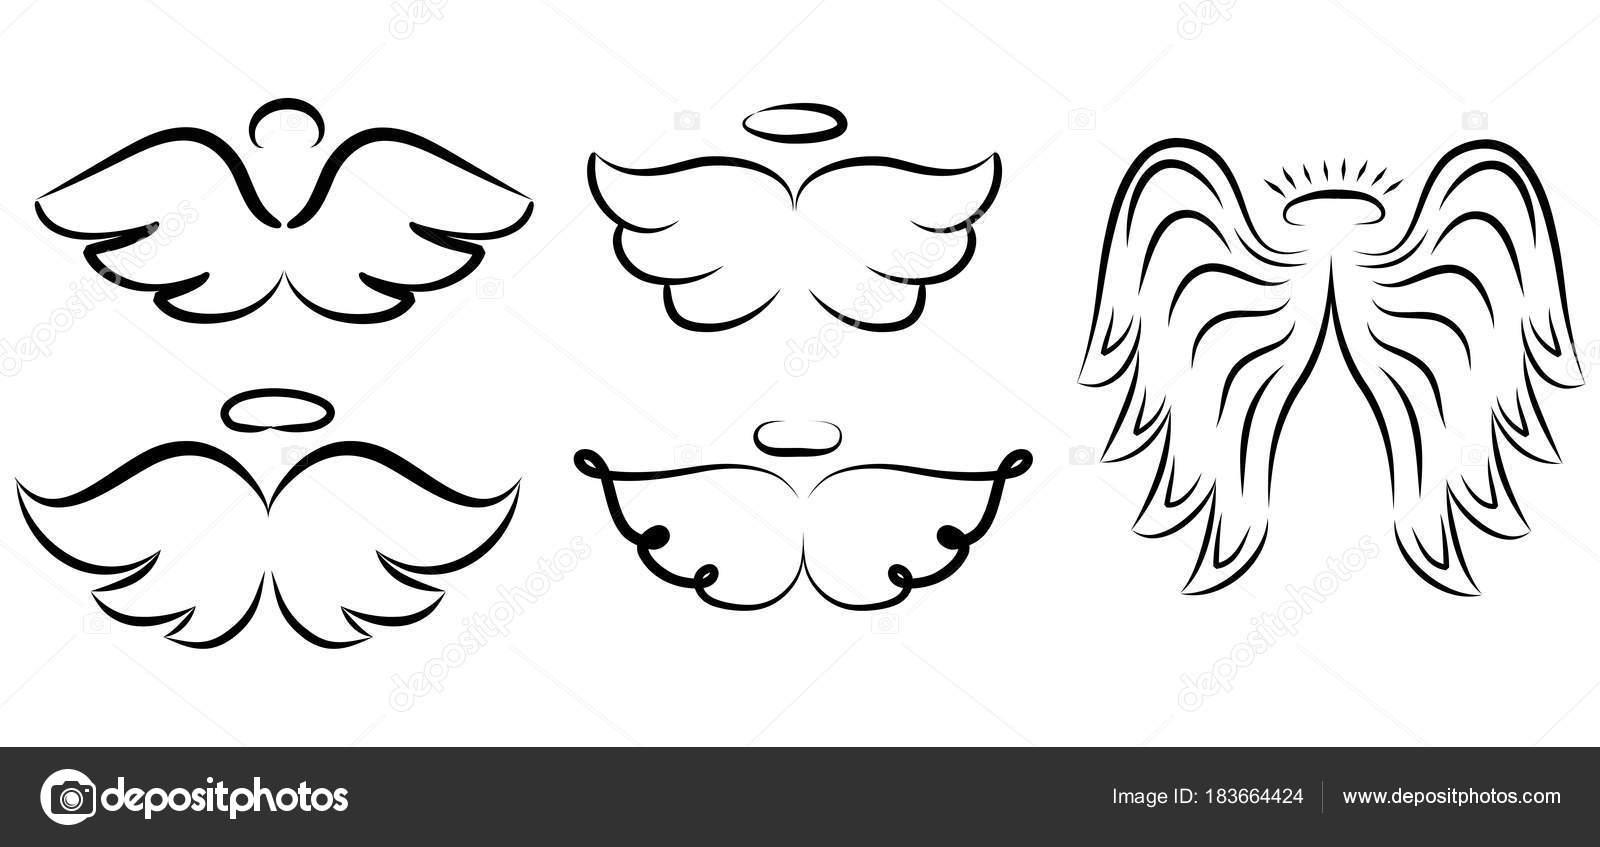 Engelsflügel Zeichnung Vektor Illustration Geflügelte Engel Tattoo